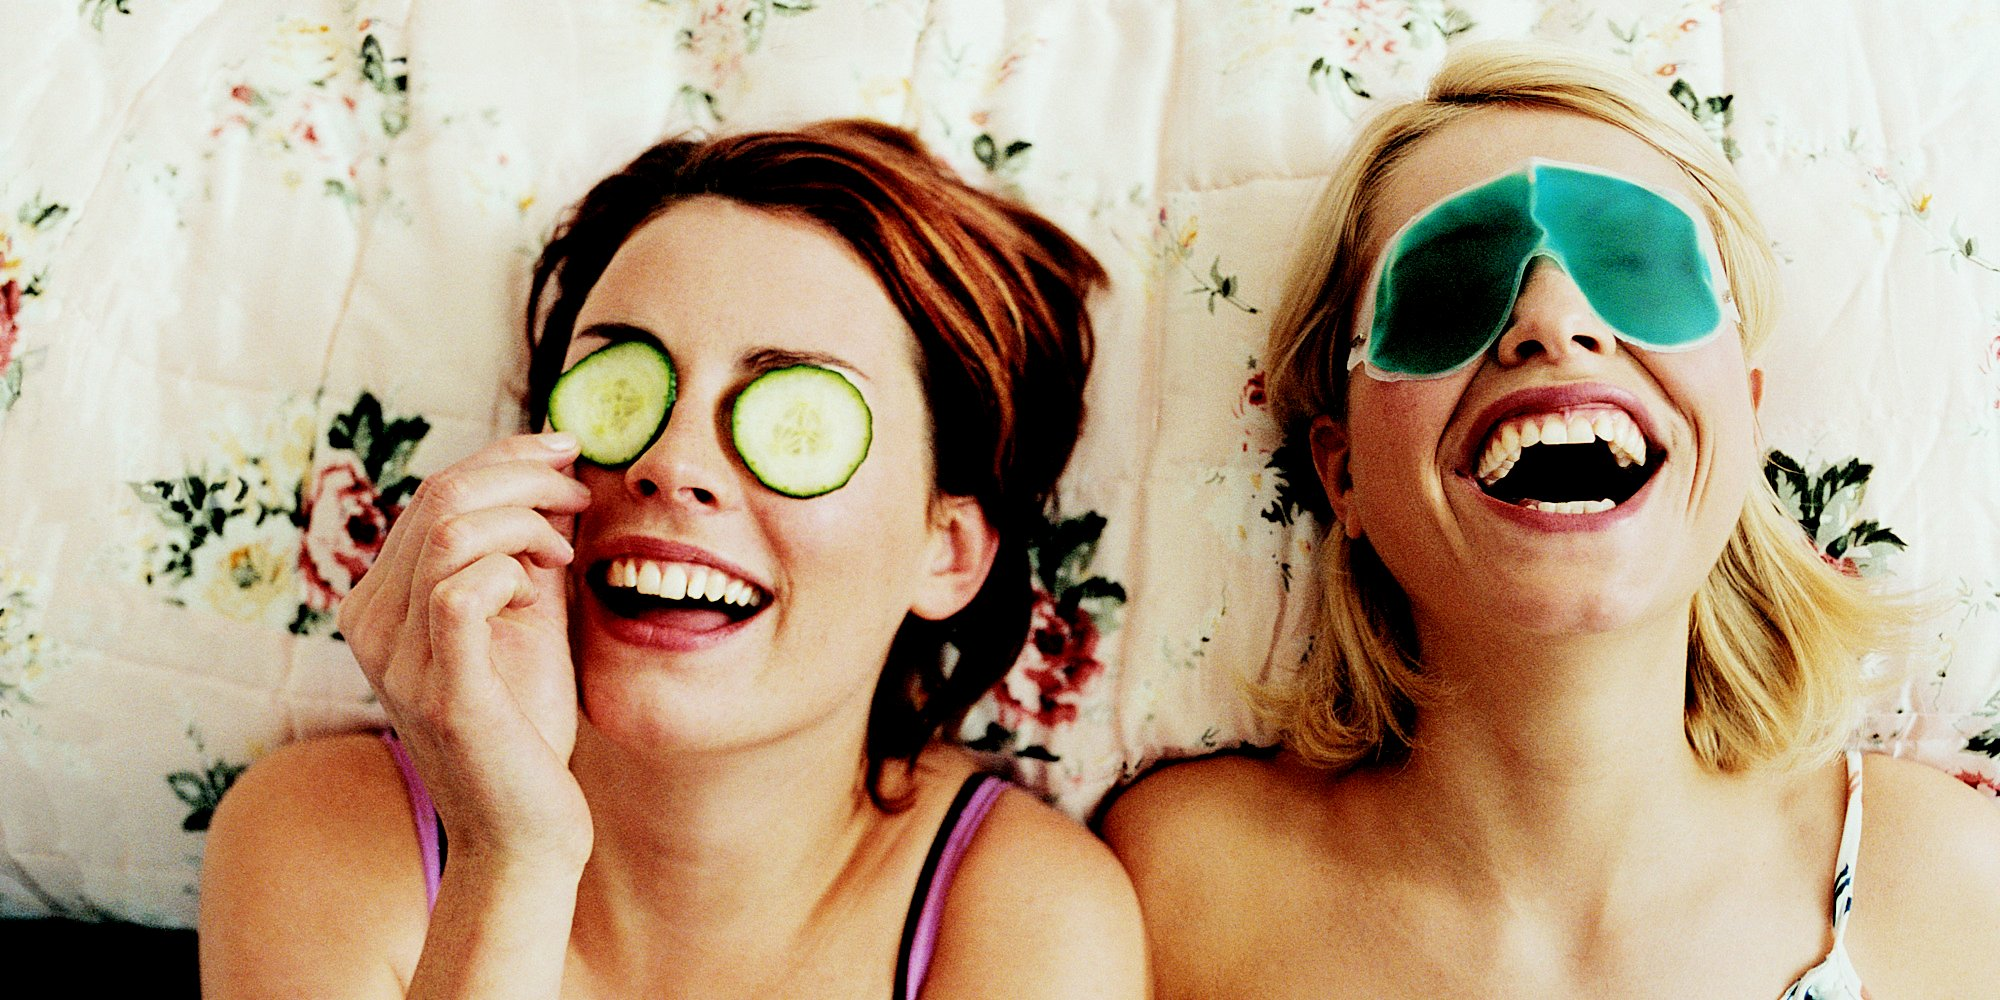 635832341330445071 1116502377 o friends laughing facebook - Passar um tempo com sua melhor amiga melhora sua saúde